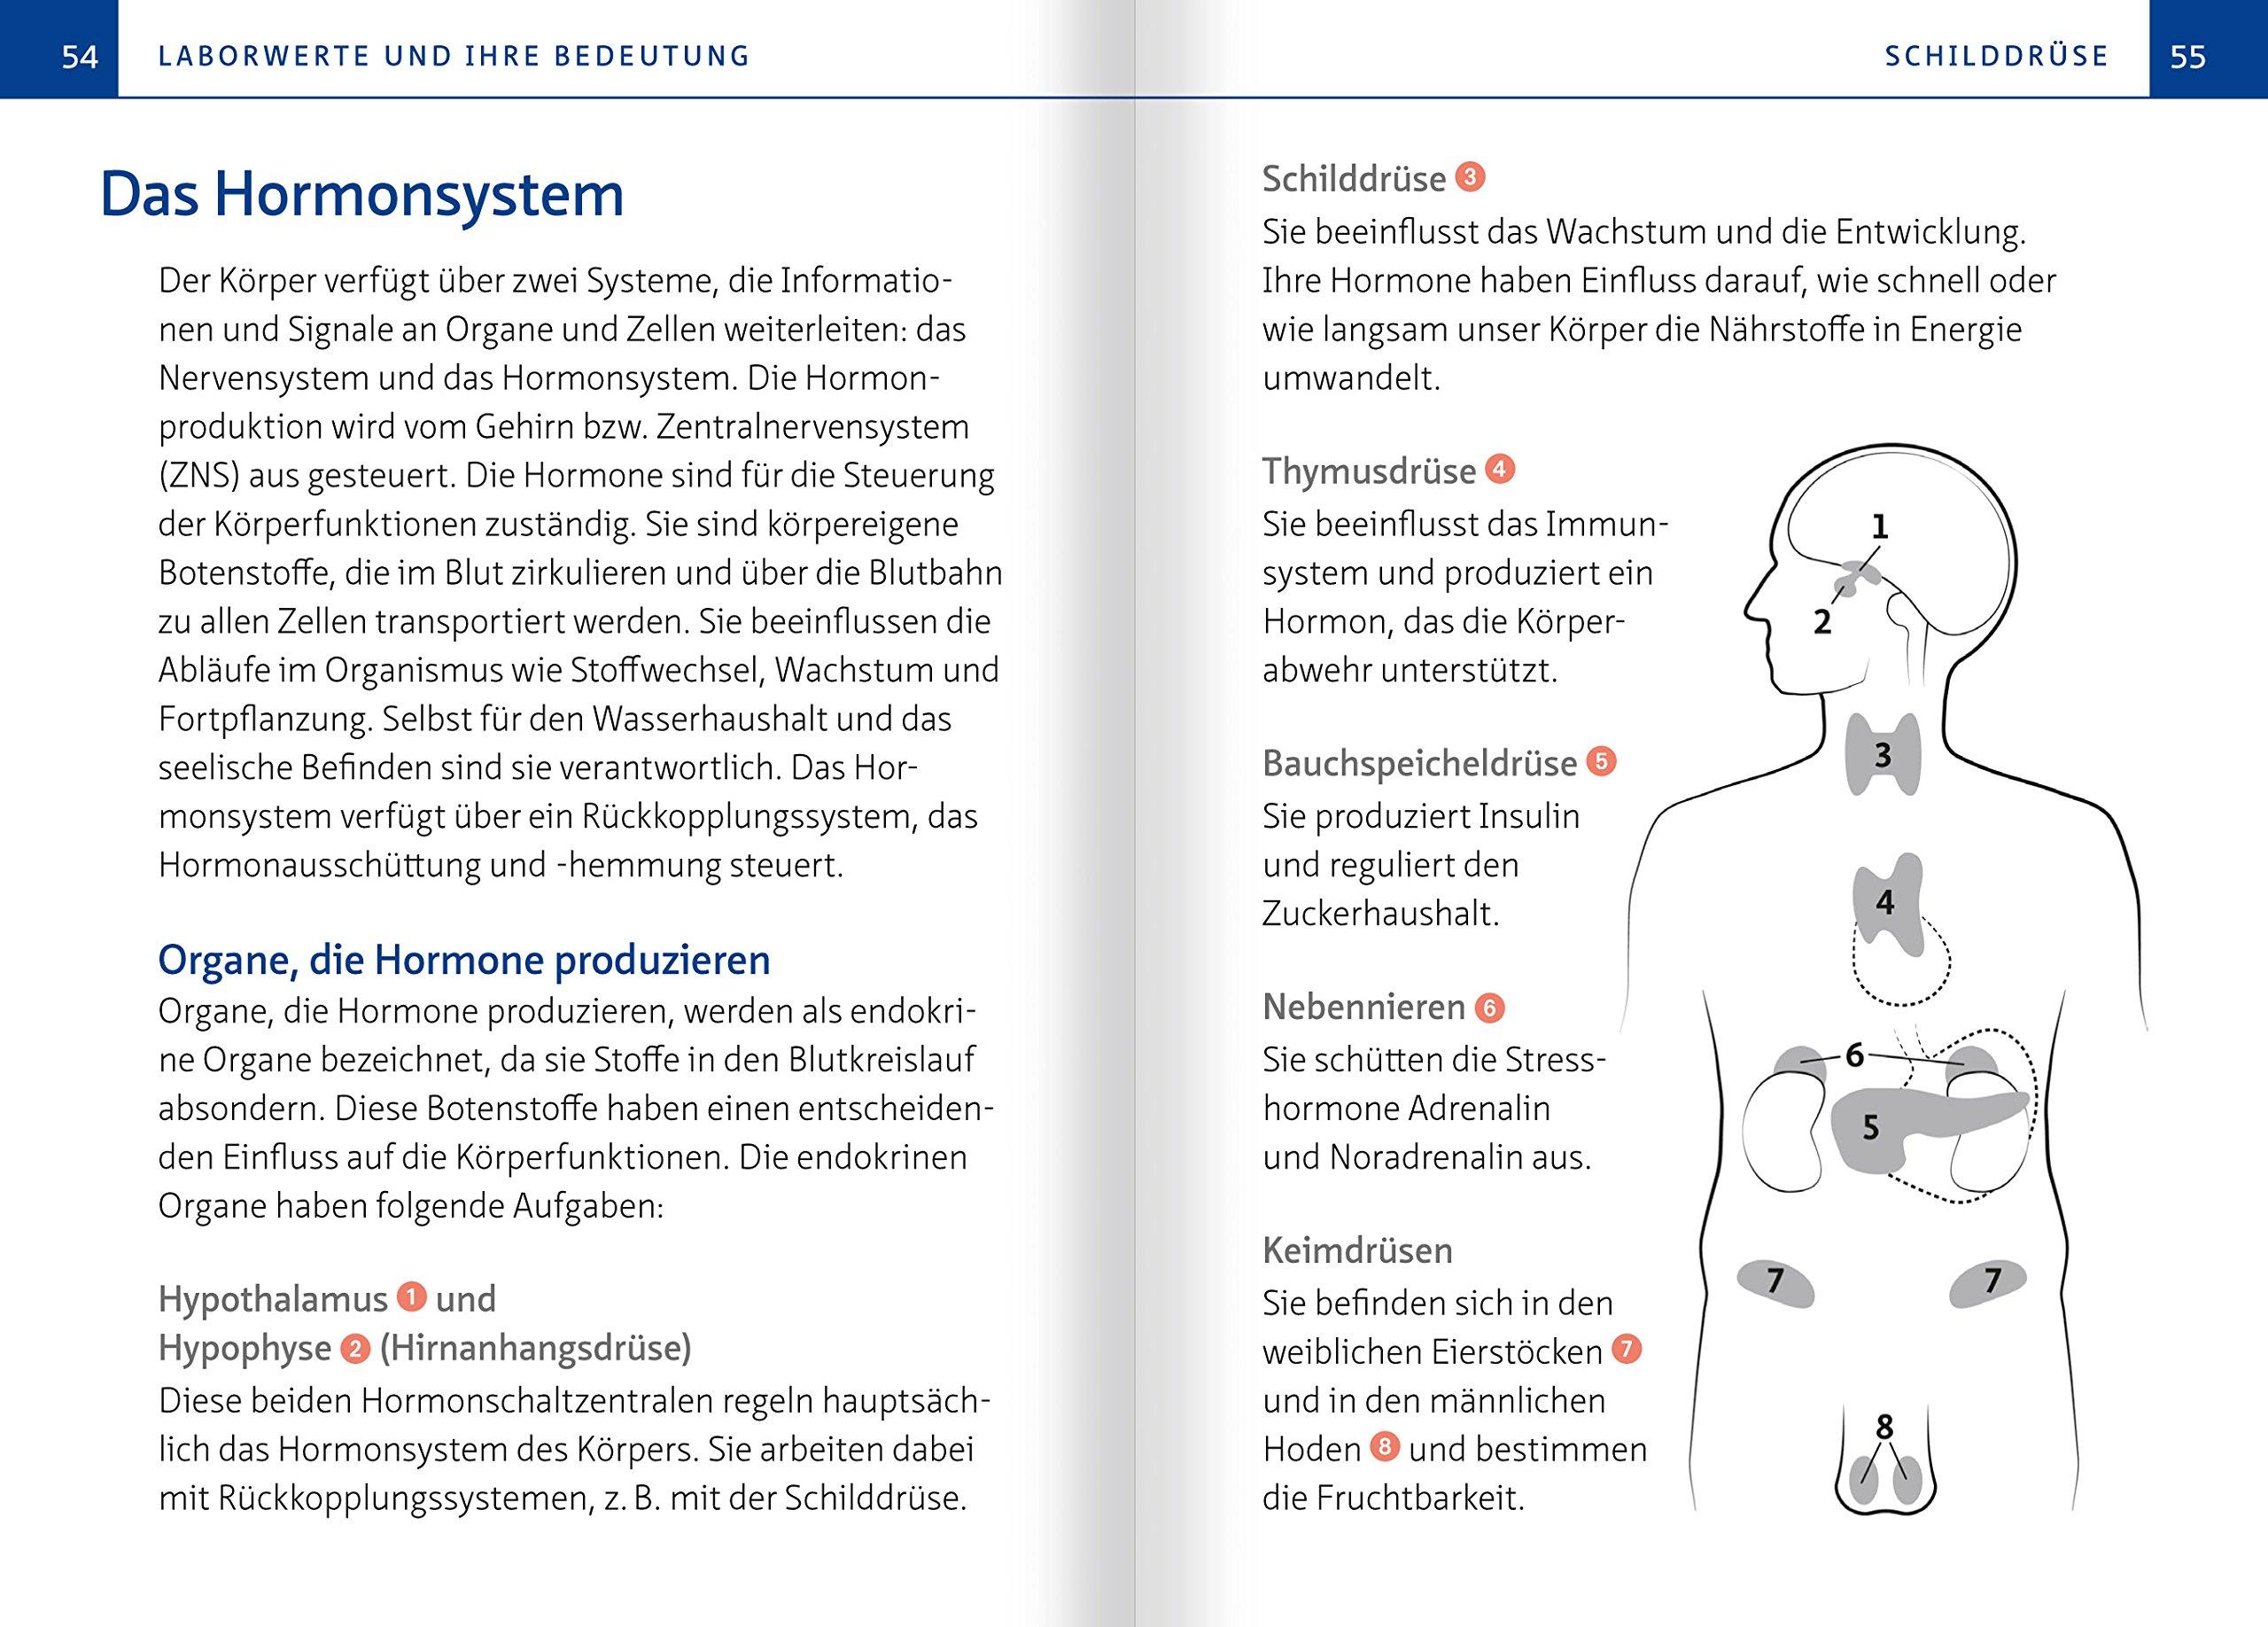 Niedlich Hormone Die Von Den Nebennieren Produziert Bilder ...